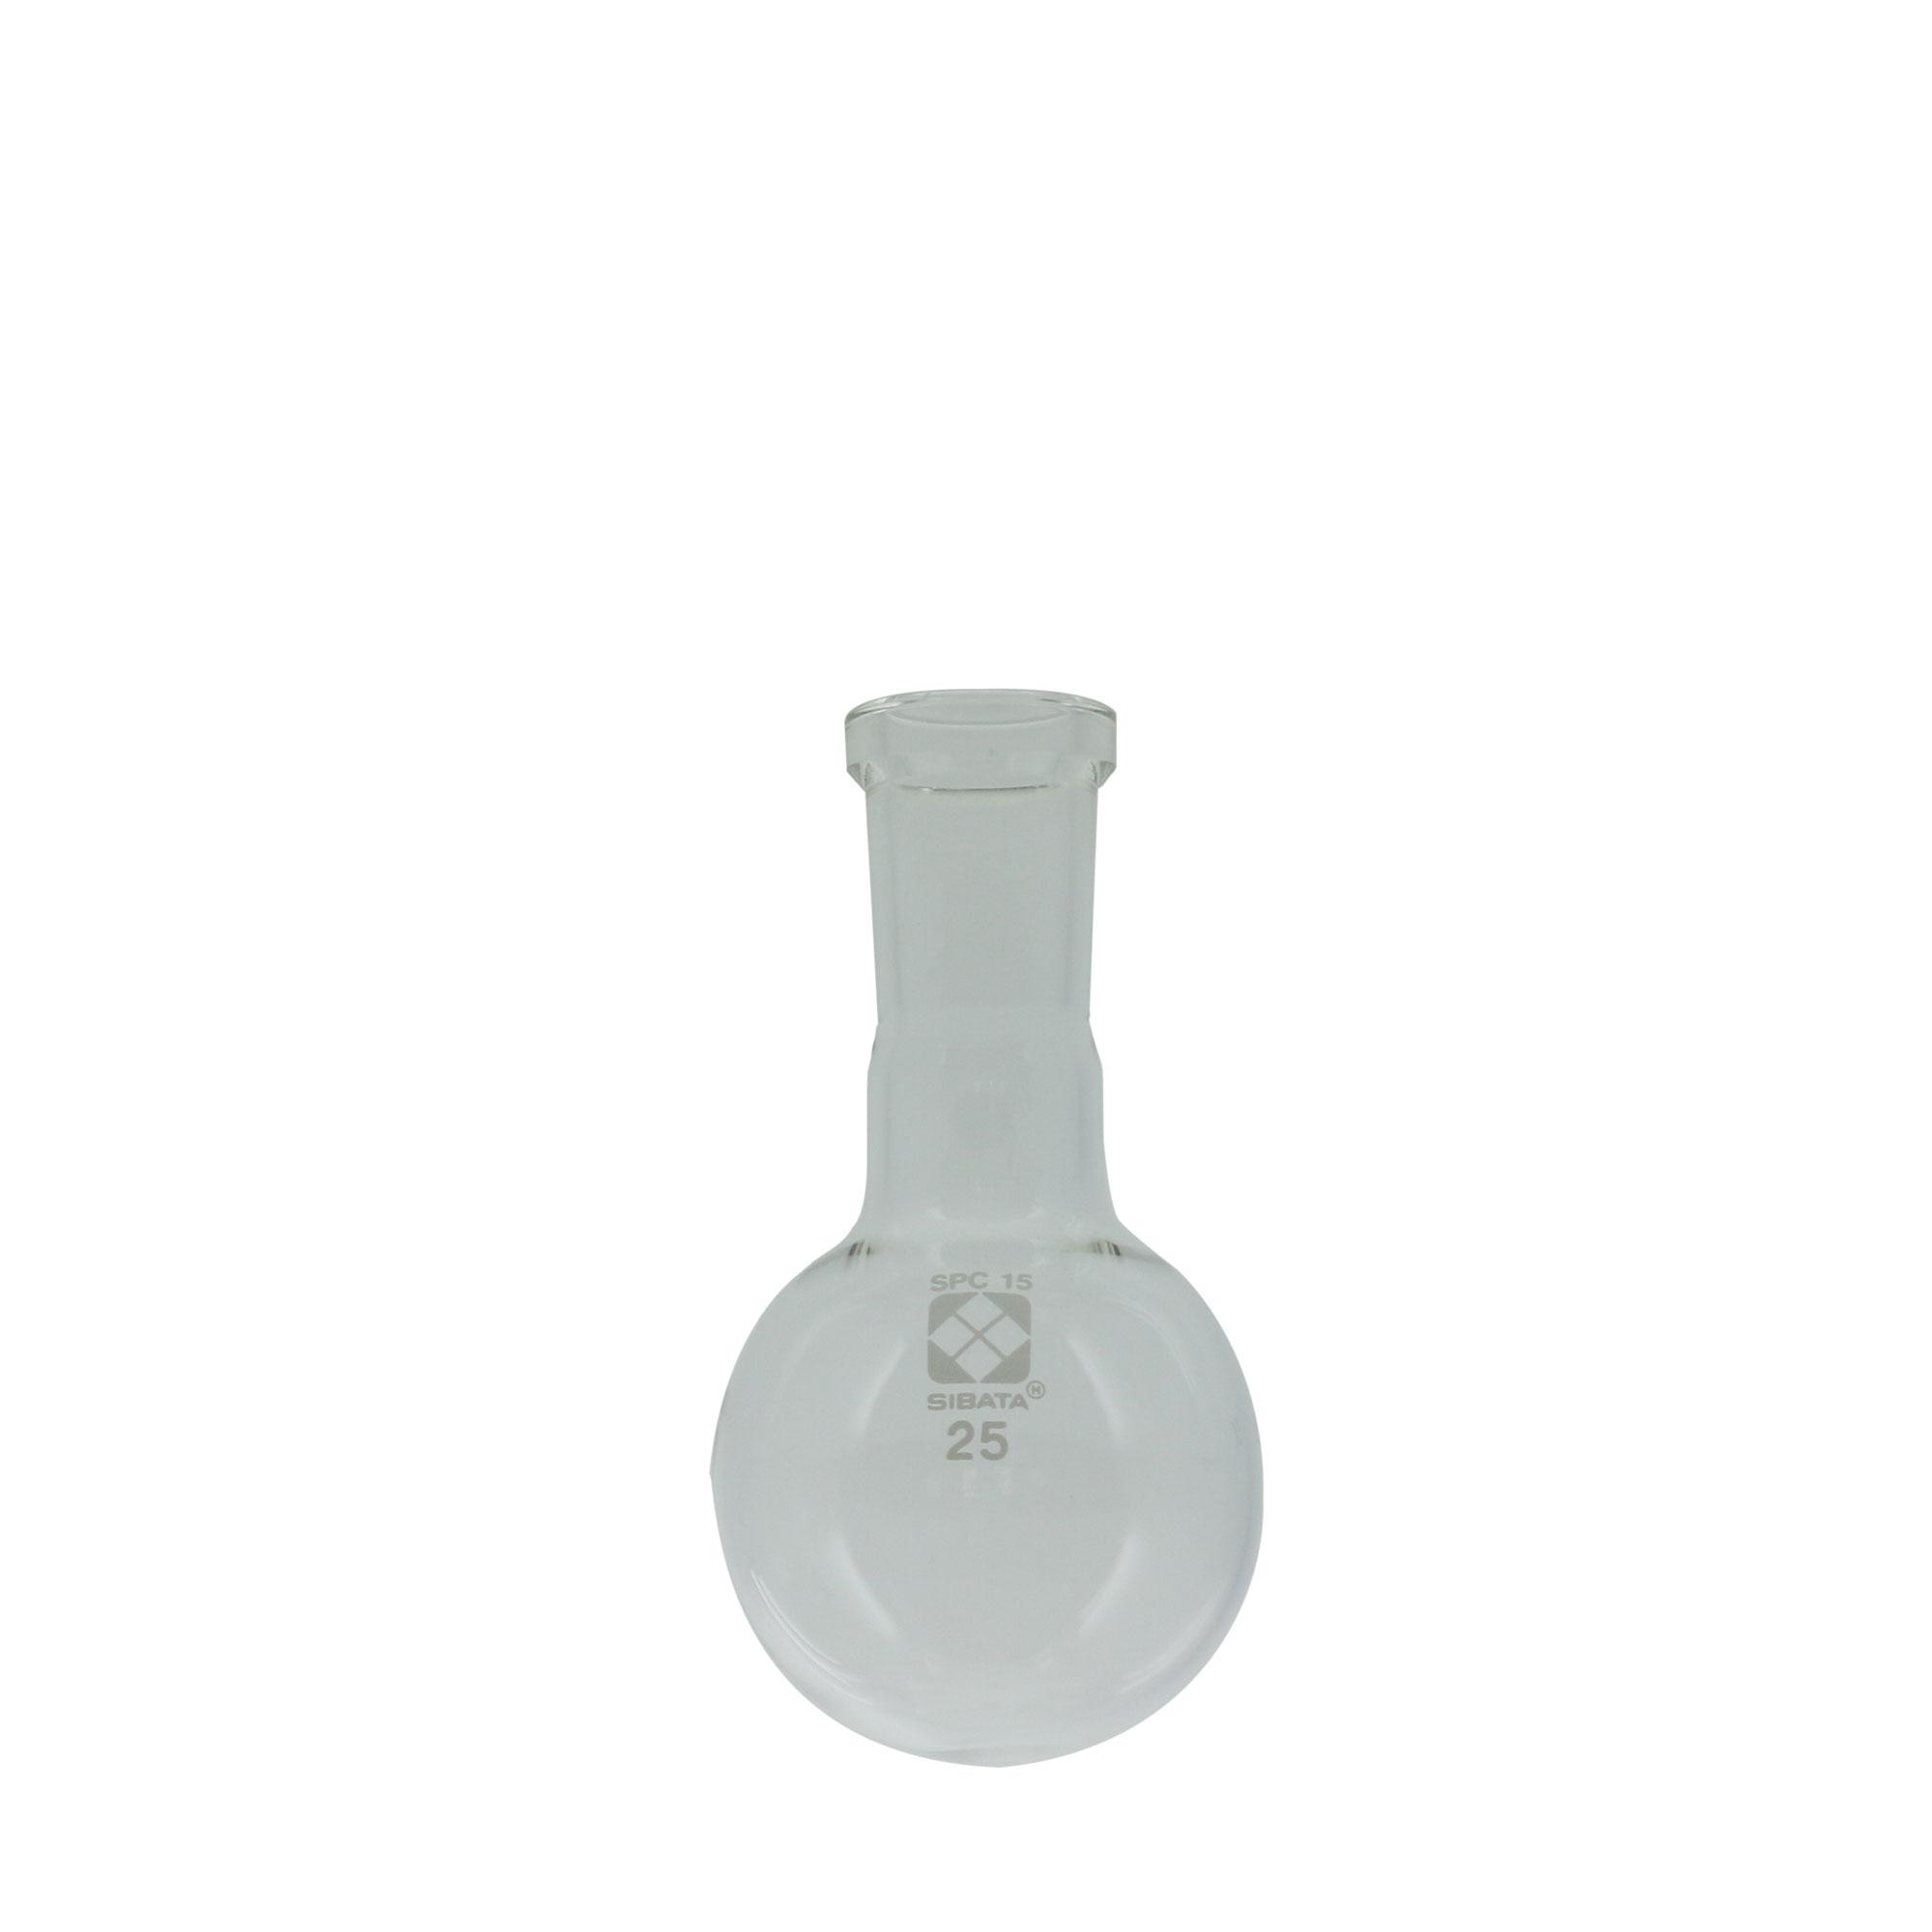 SPC丸底フラスコ 25mL SPC-15